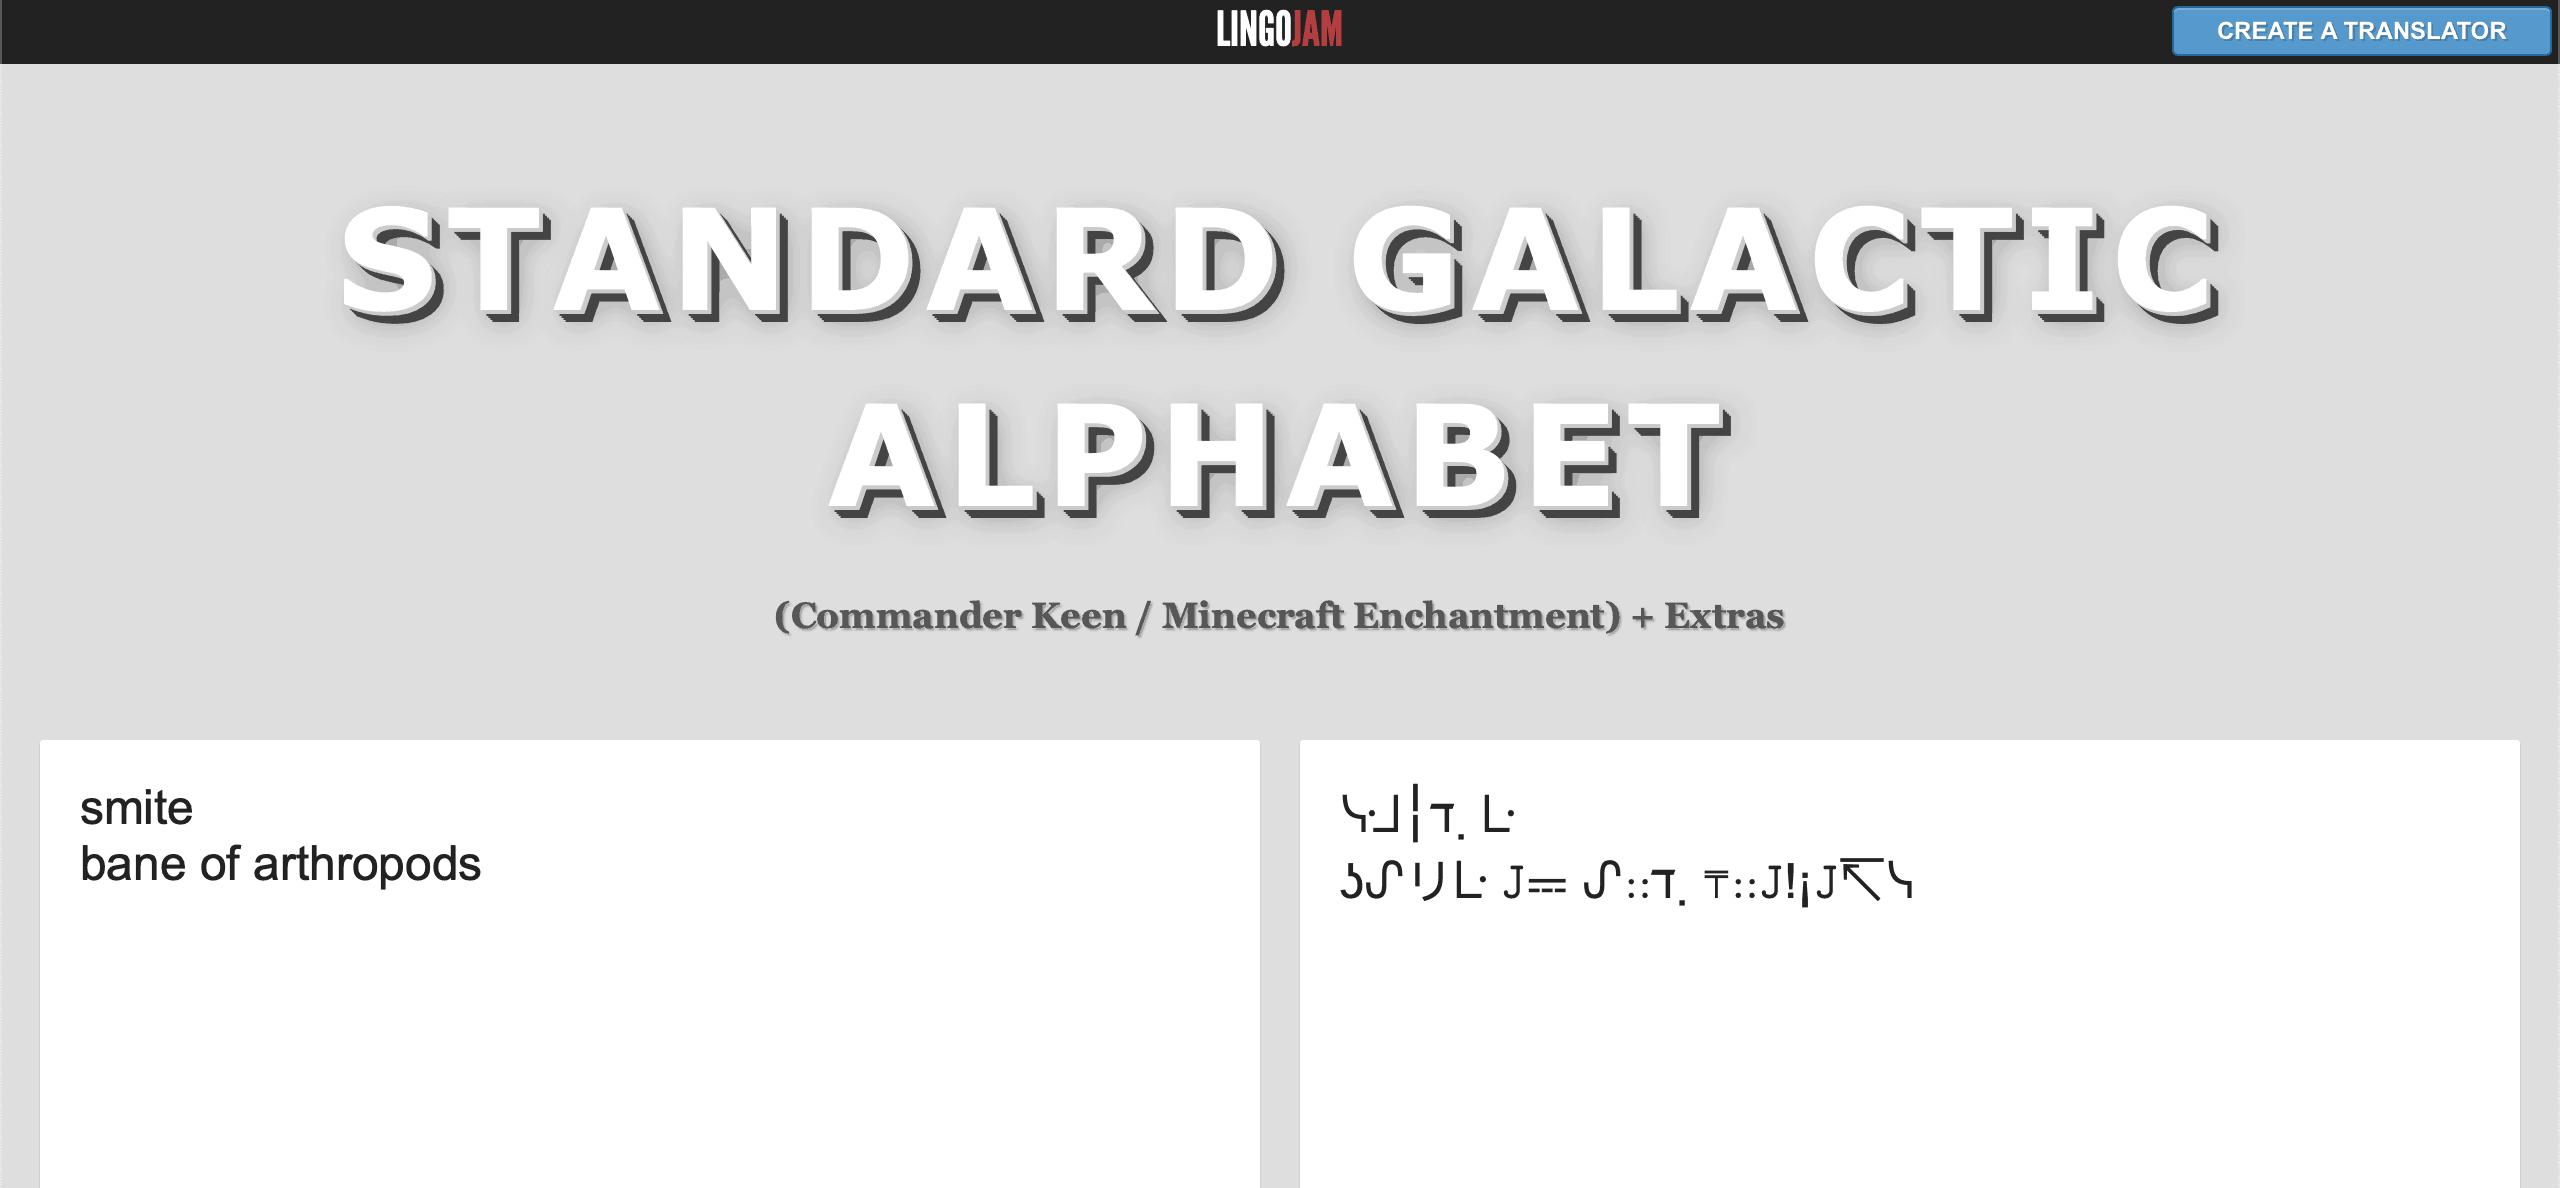 Traducteur automatique du Standard Galactic Alphabet